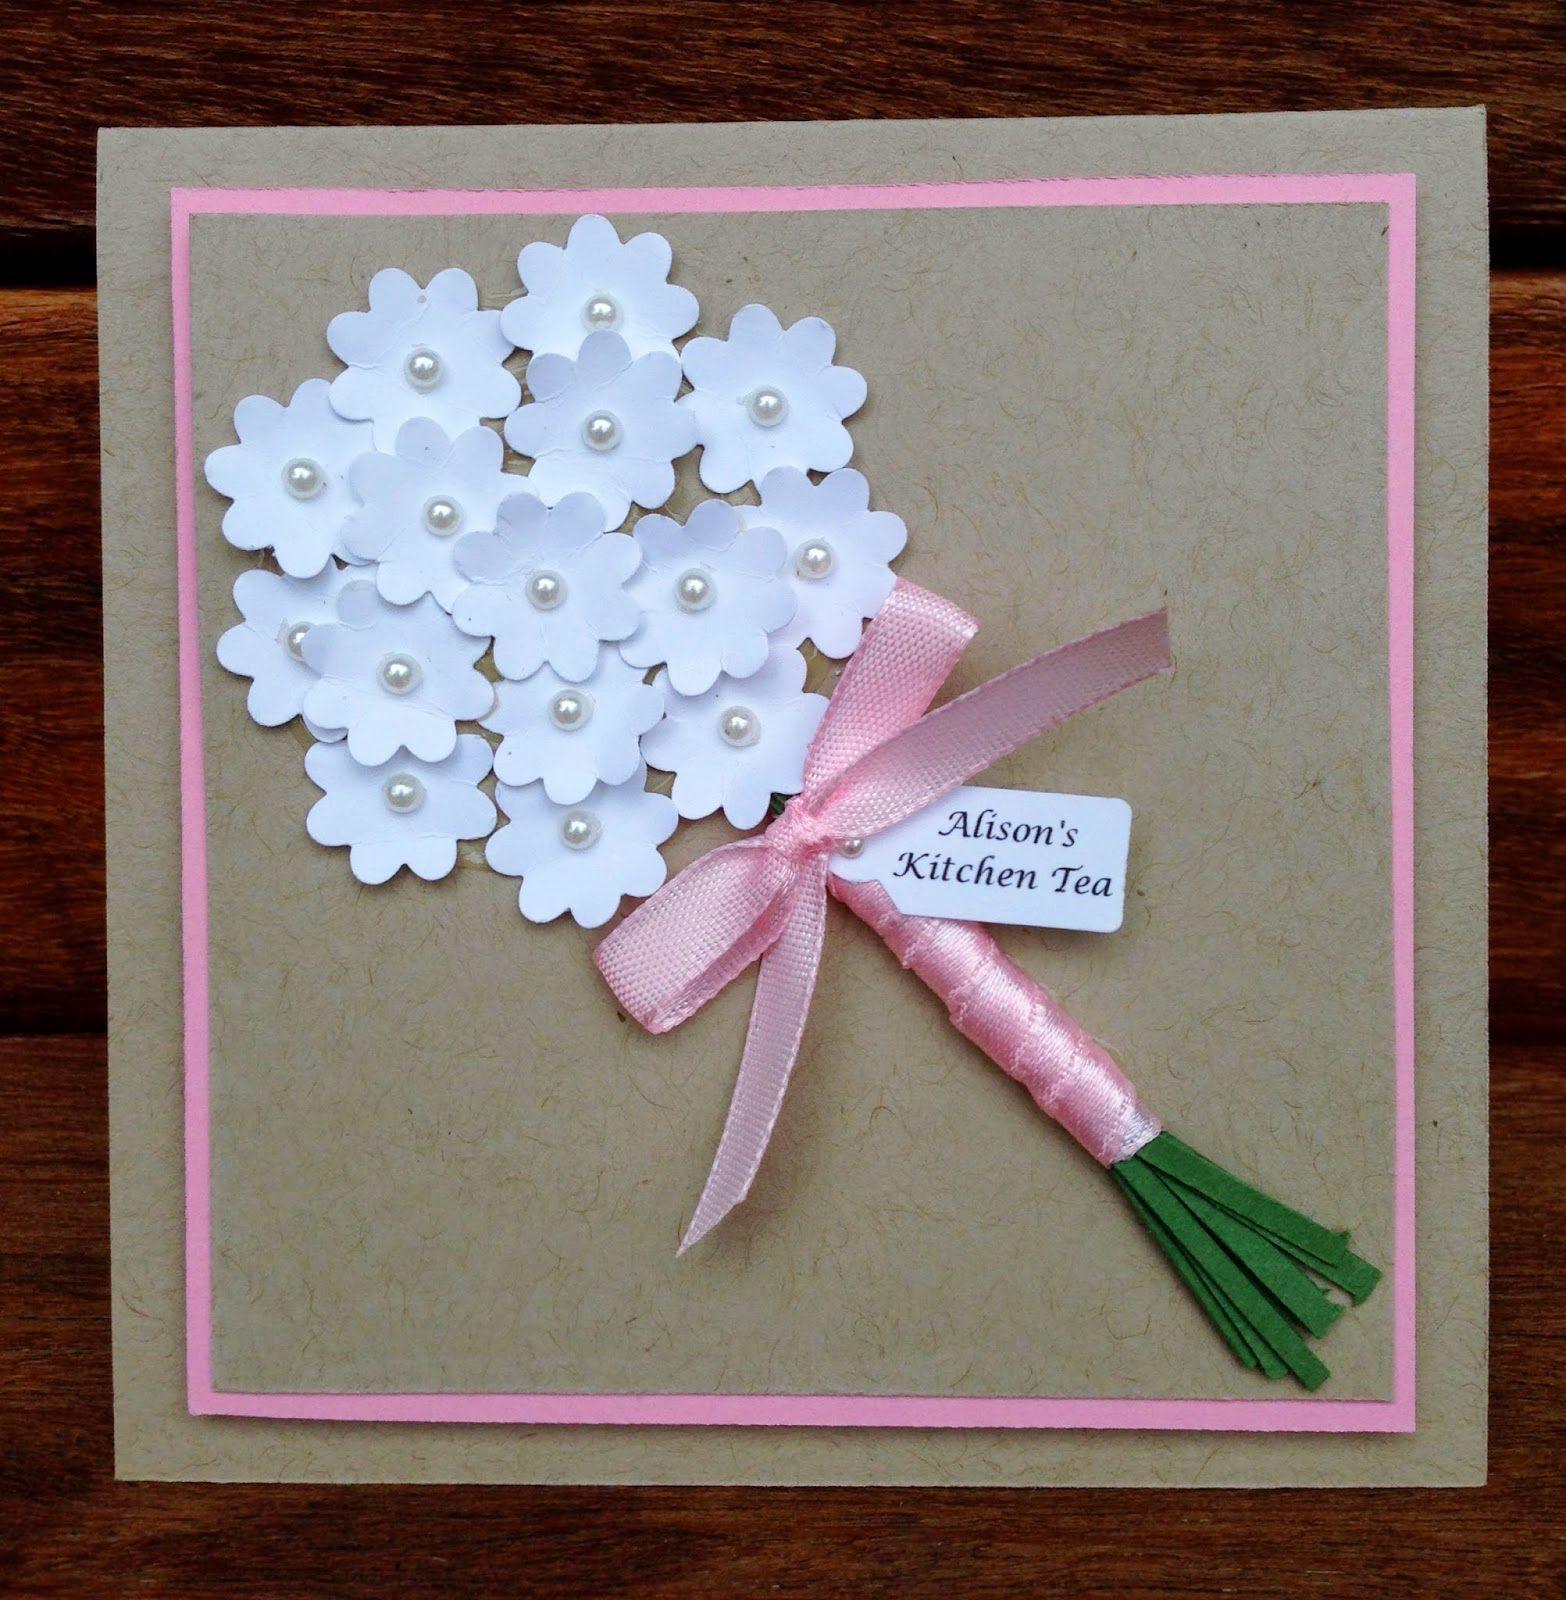 Kitchen tea bridal shower wedding bouquet card using